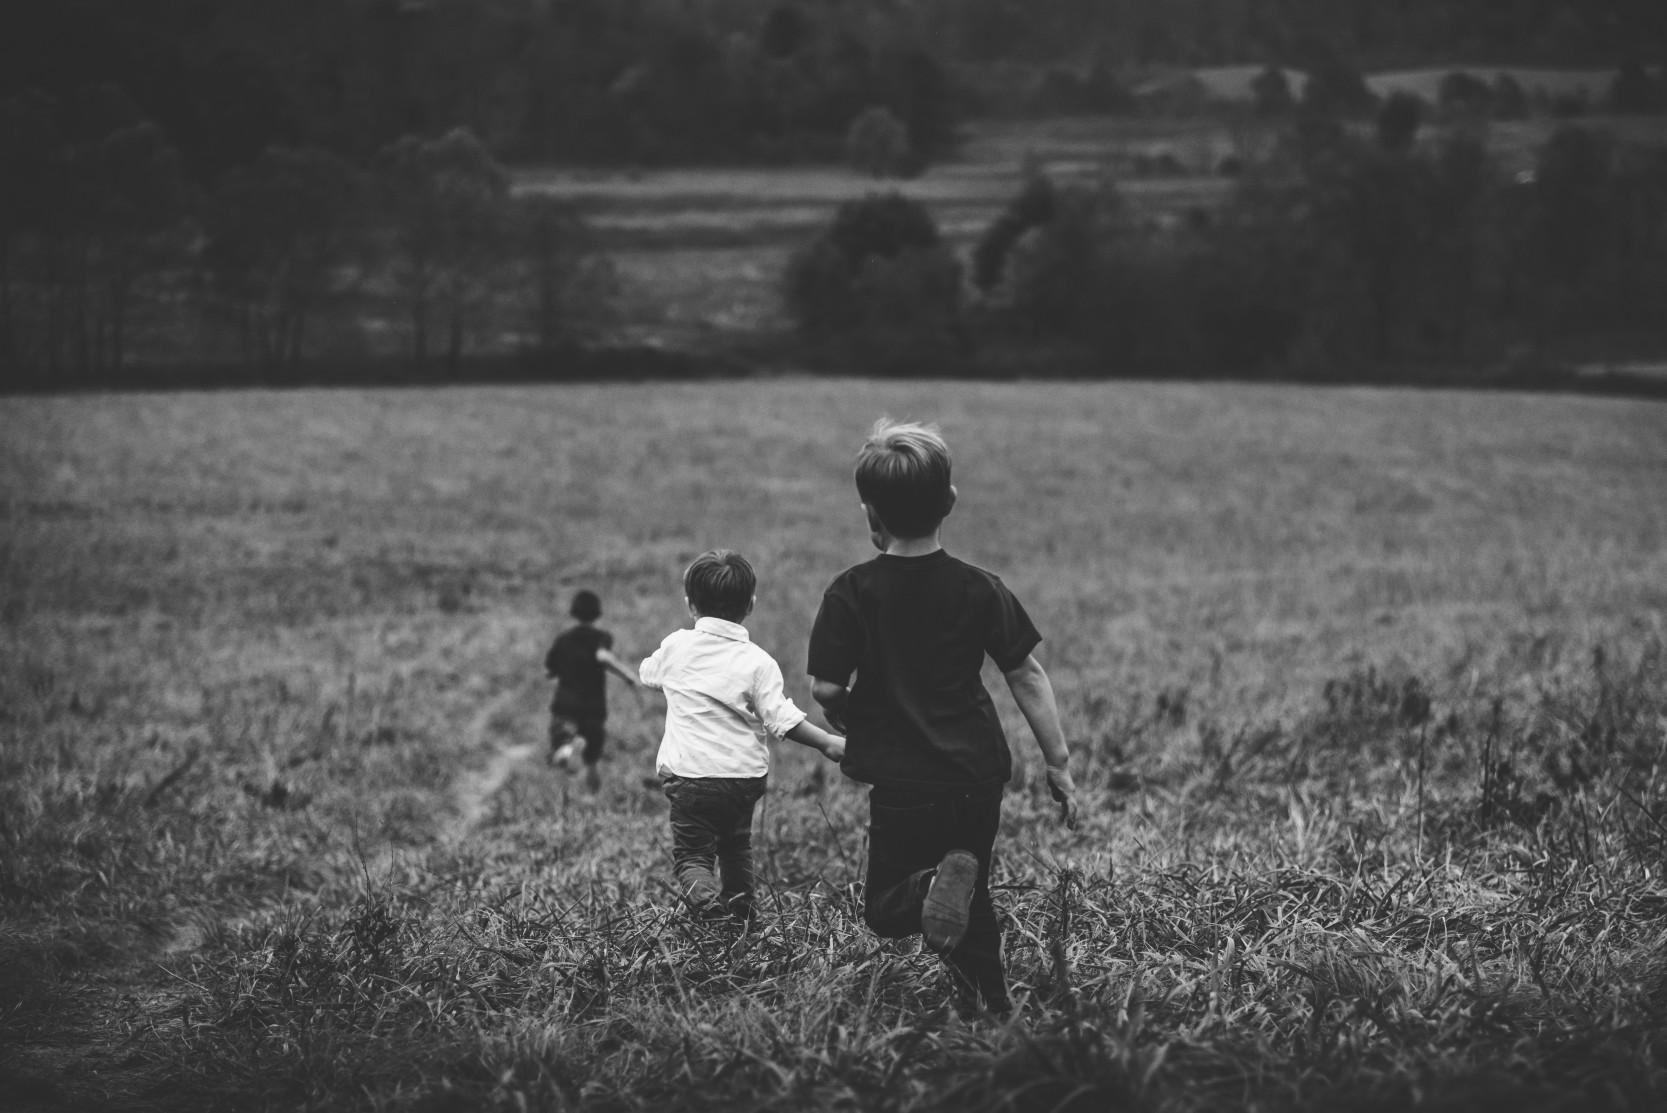 Comportamiento del niño de 5 años